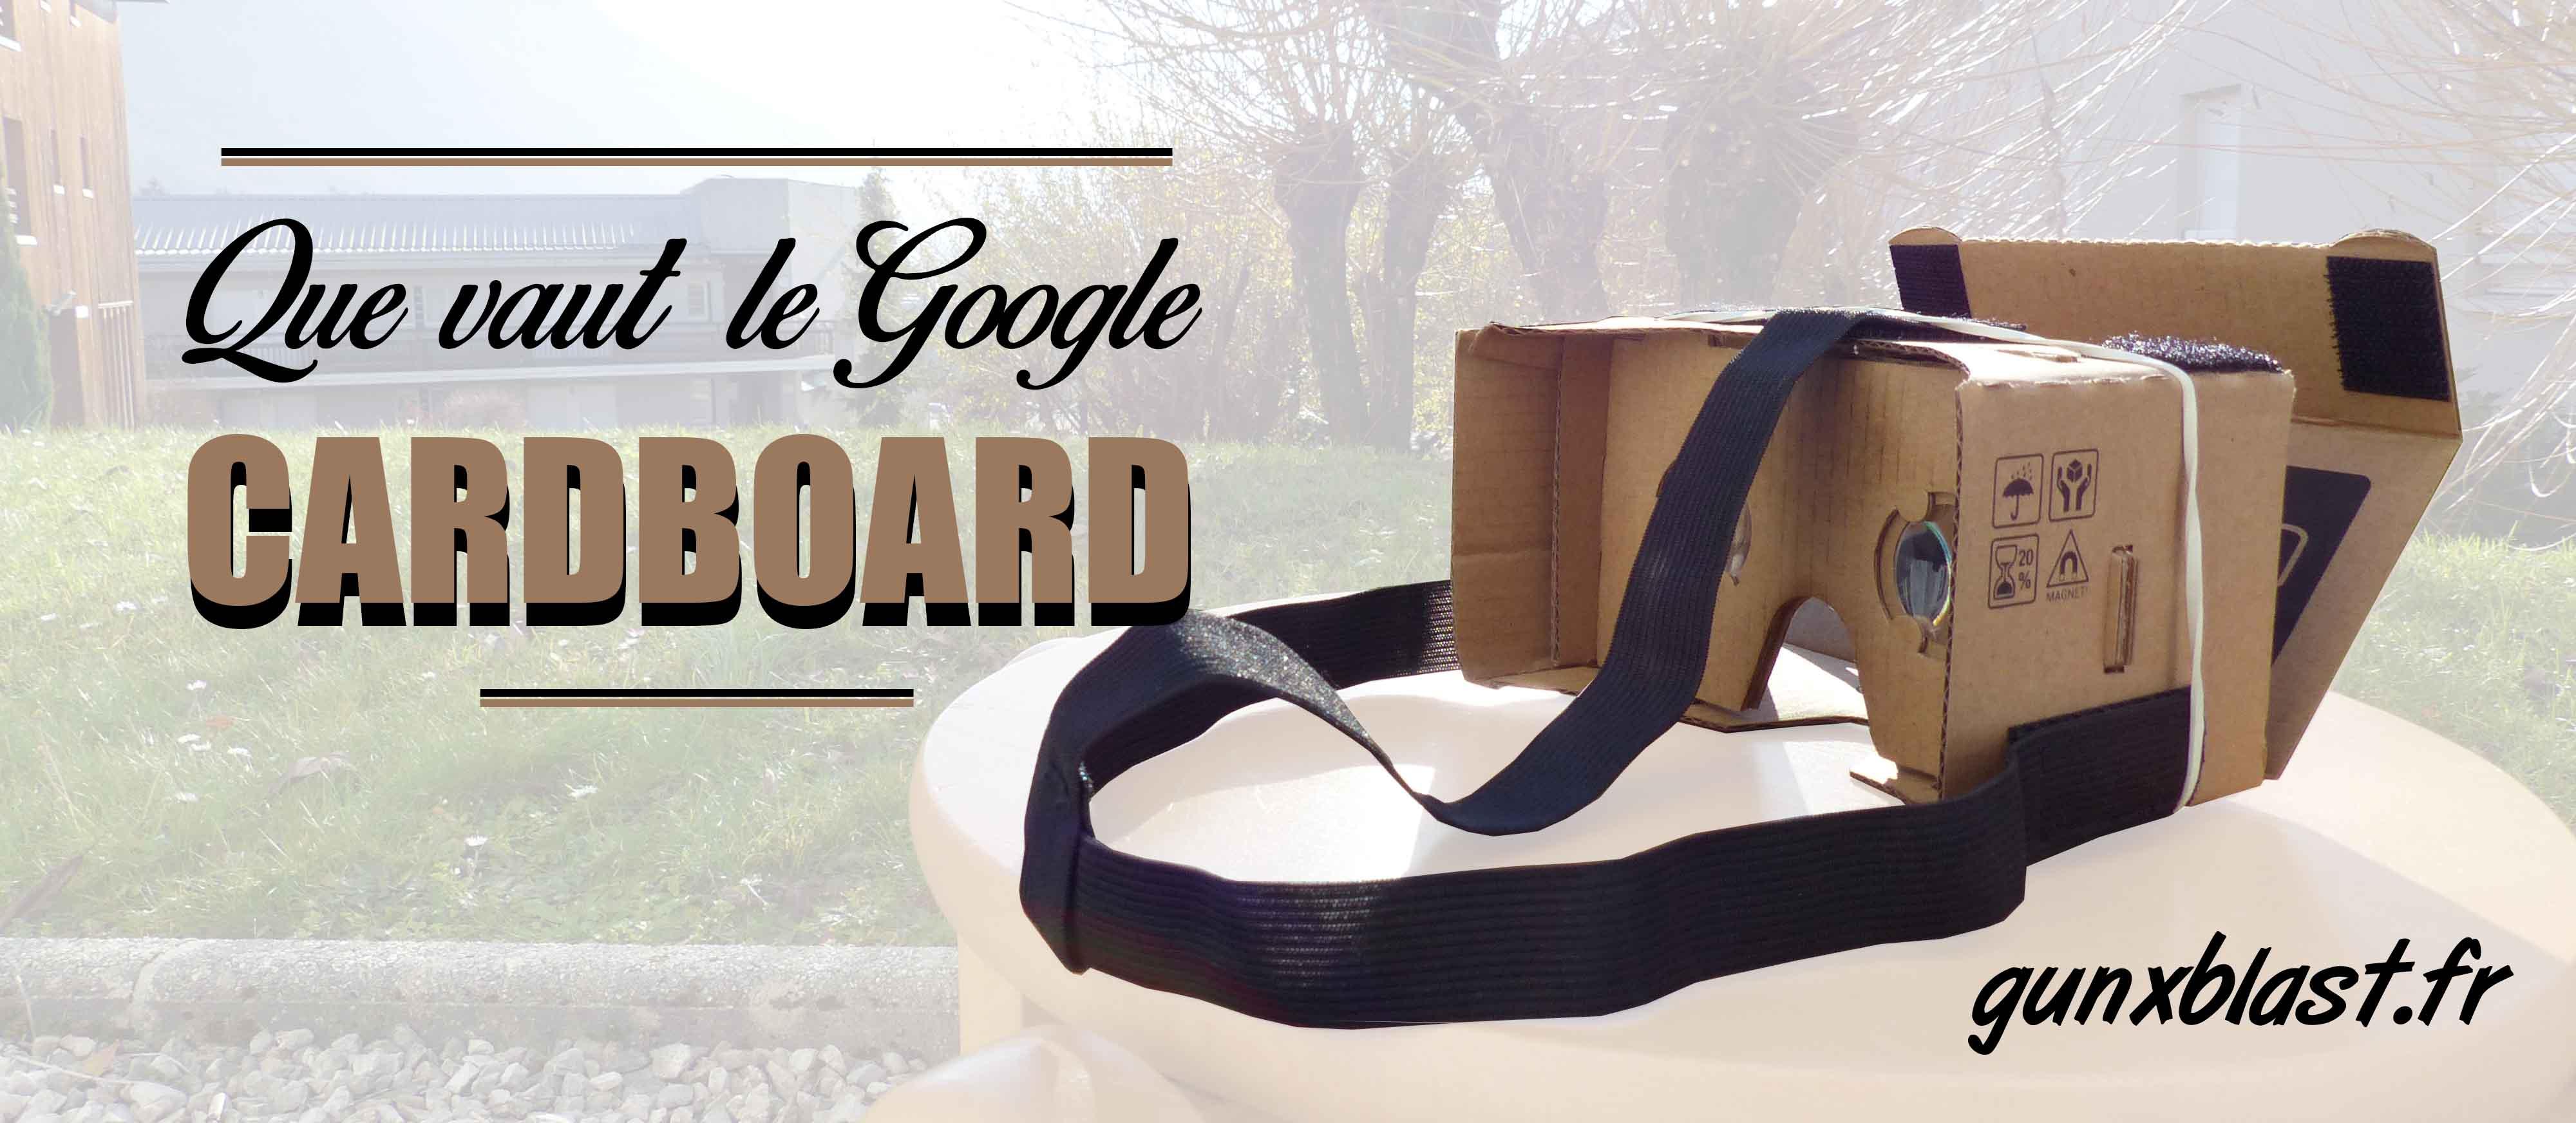 Google Cardboard : La VR pour pas cher